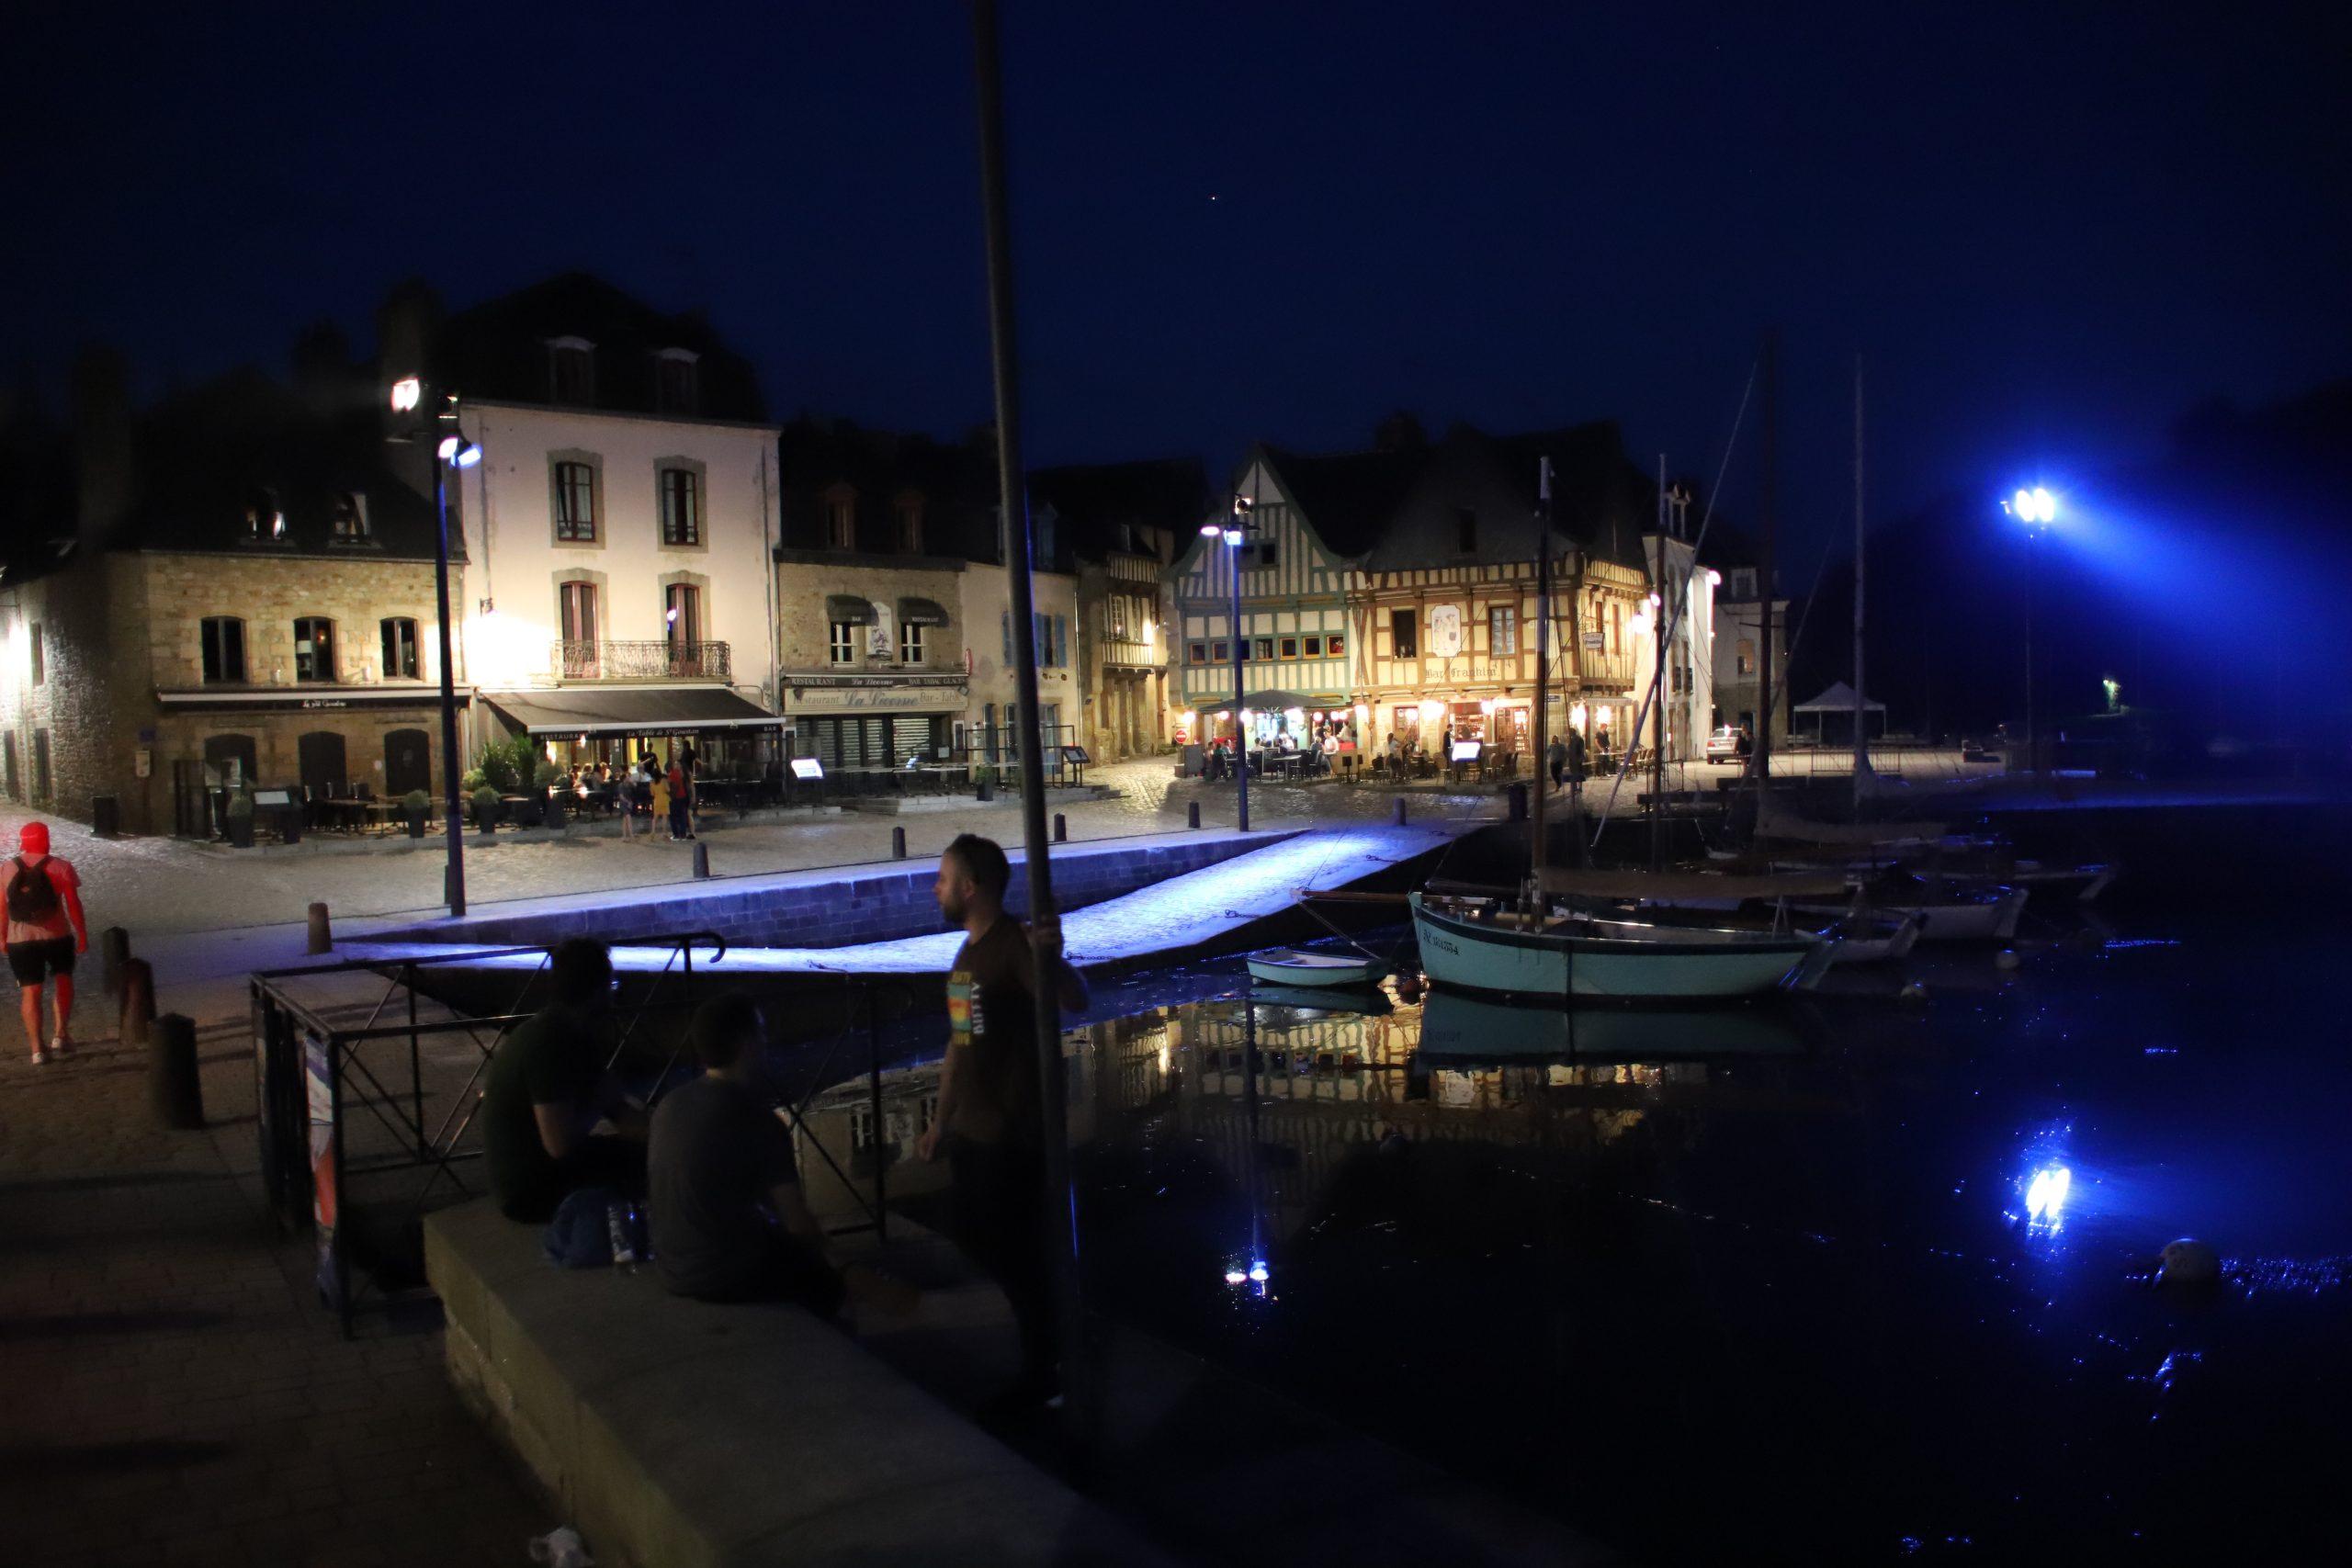 Auray at night, France